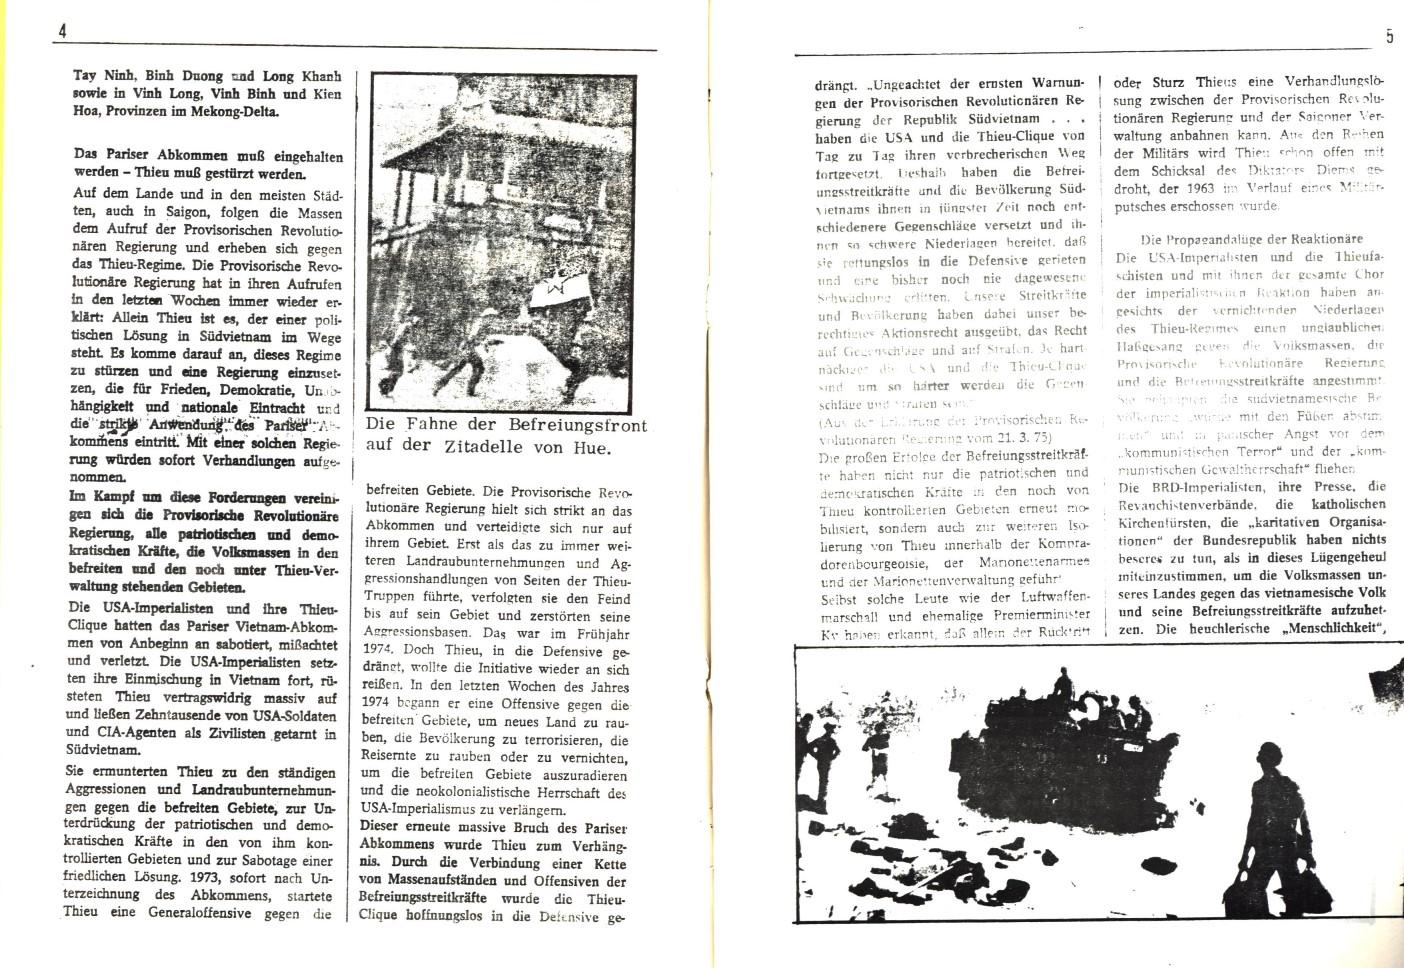 Nds_KSV_1975_Suedvietnam_03